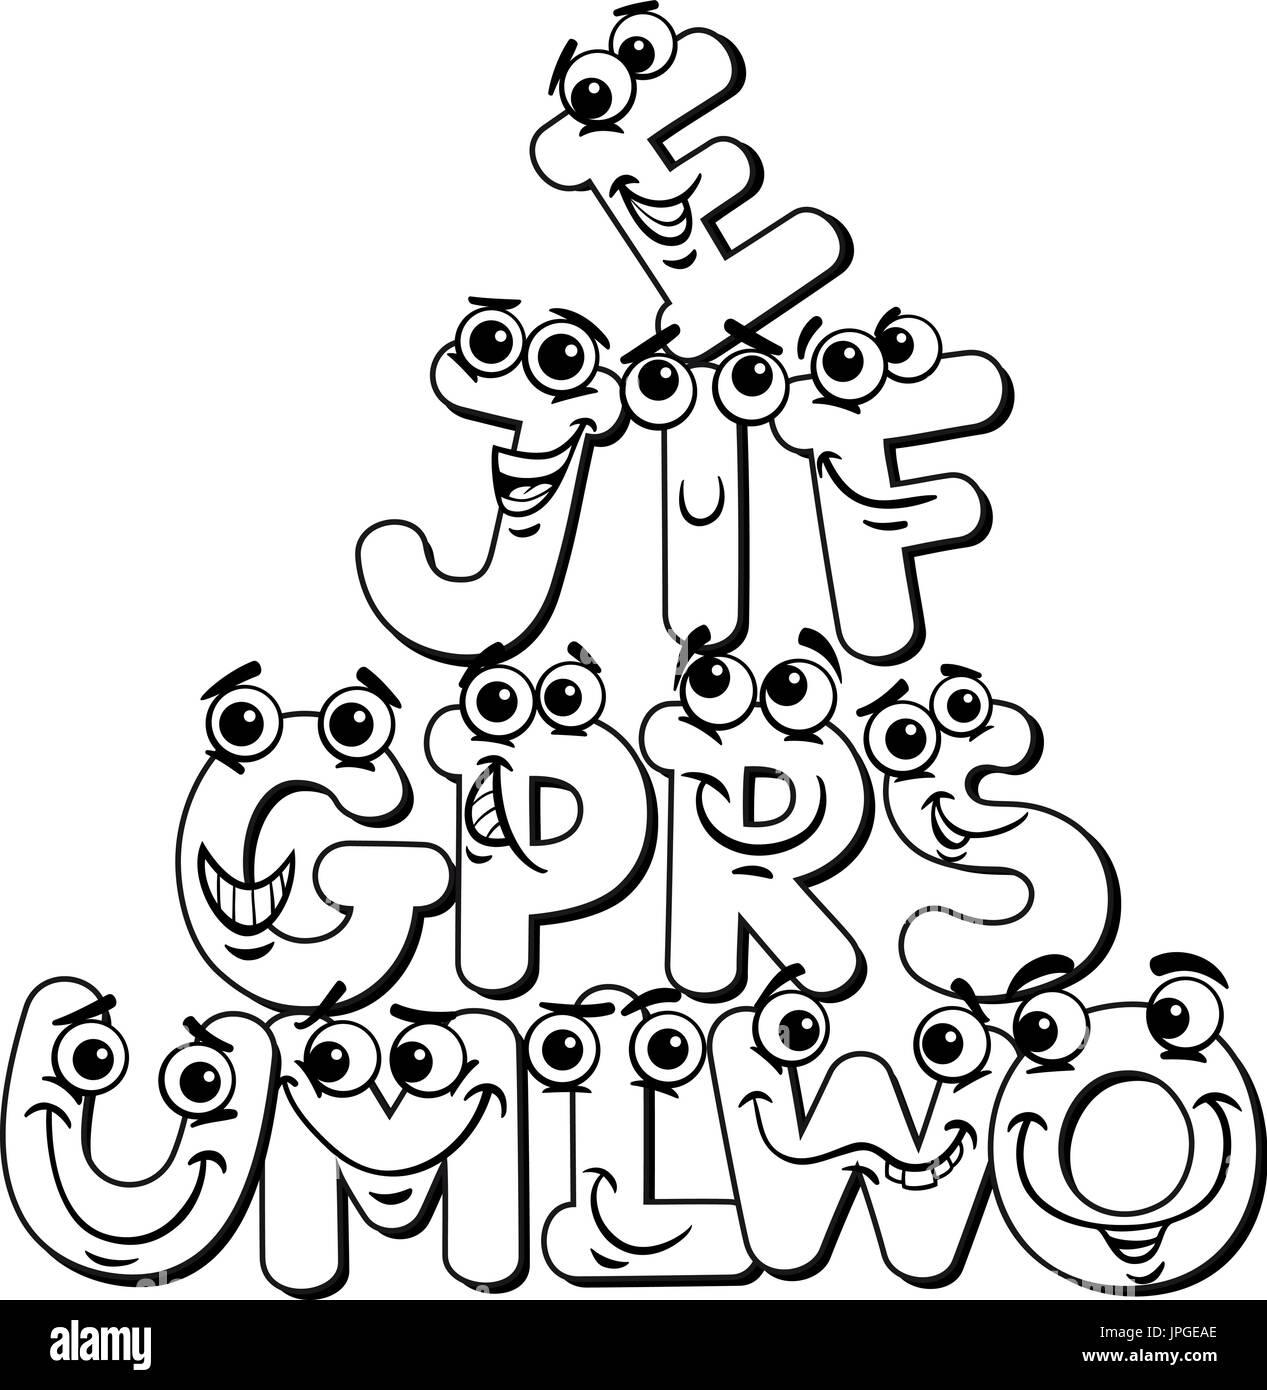 Ilustración caricatura en blanco y negro de divertidos personajes